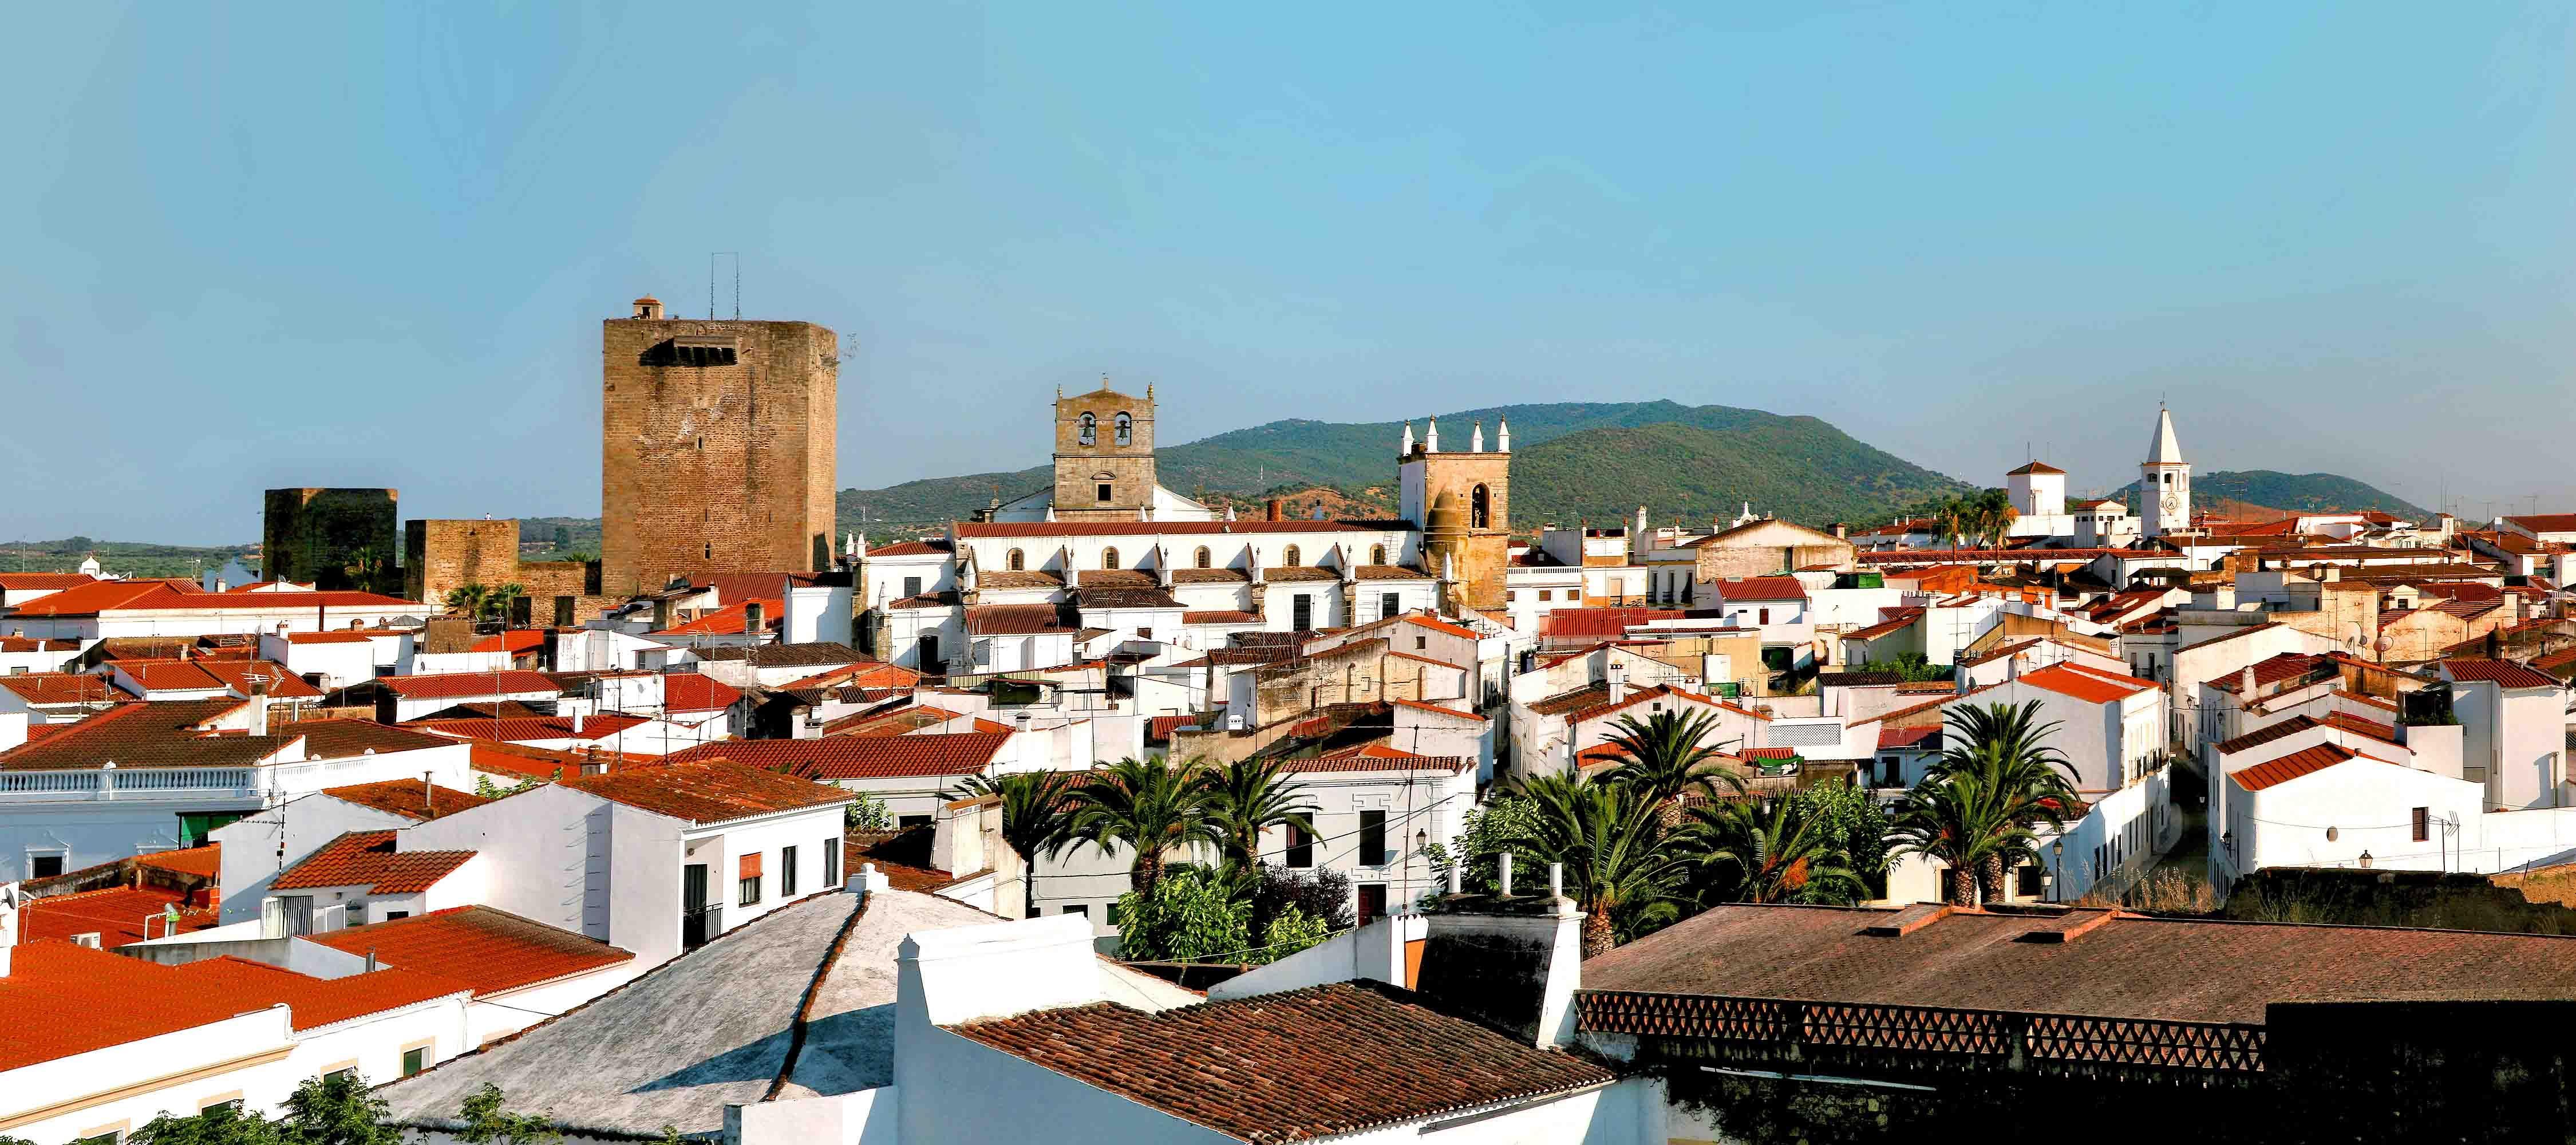 De estilo claramente portugués están la Iglesia de Santa María Magdalena, la Capilla del Hospital y la Santa Casa de la Misericordia, todos ellos edificios con ricos azulejados.